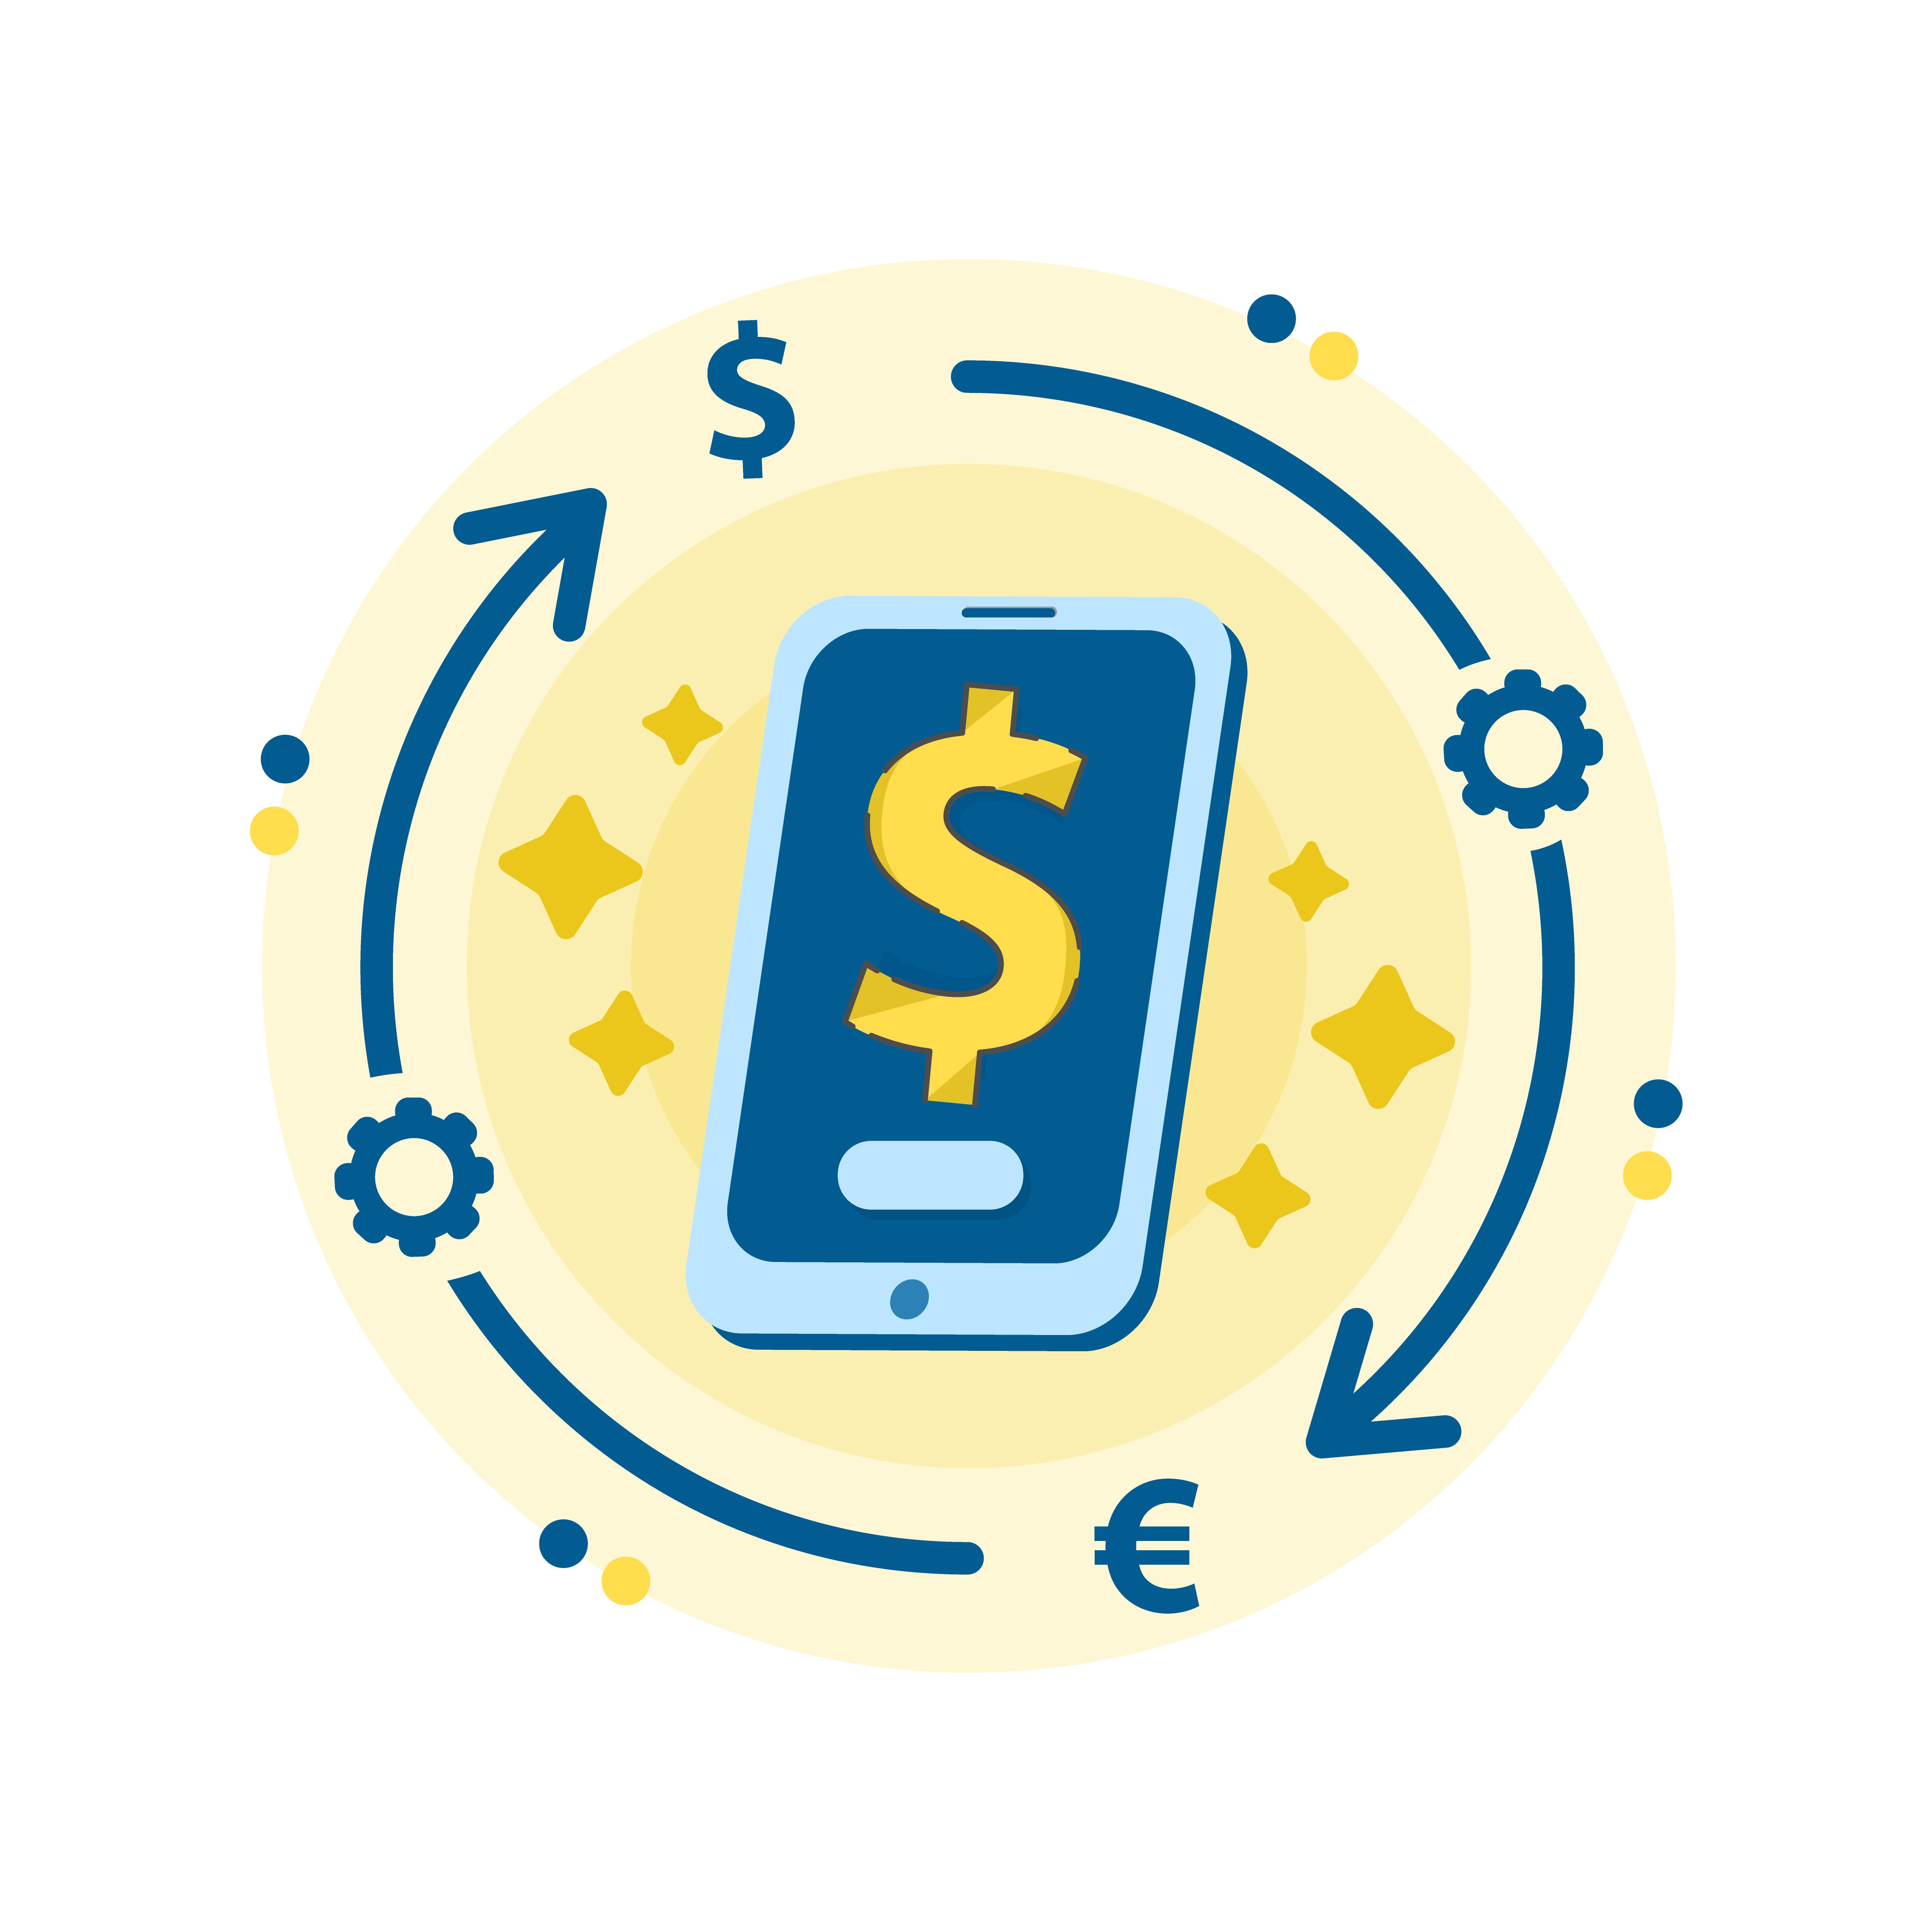 servizio di cambio criptovaluta è bitcoin sicuro nucleo